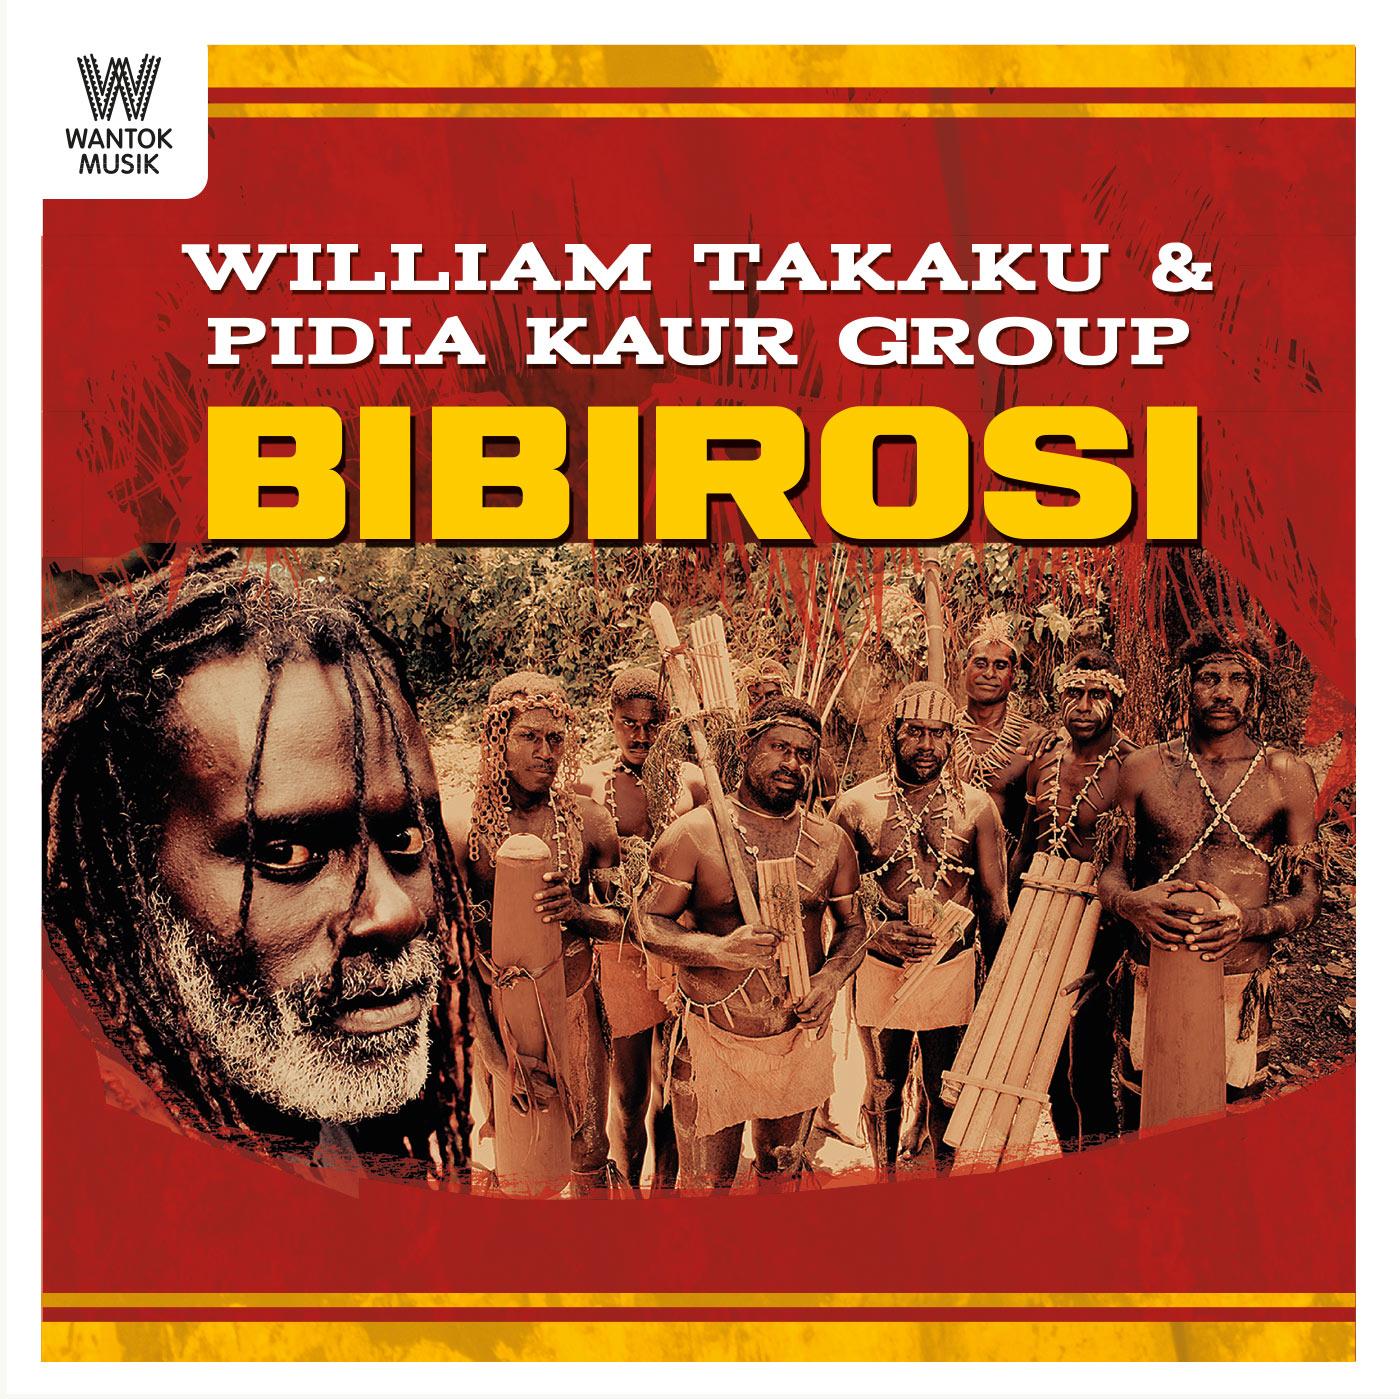 William Takaku and Pidia Kaur Group 'Bibirosi'